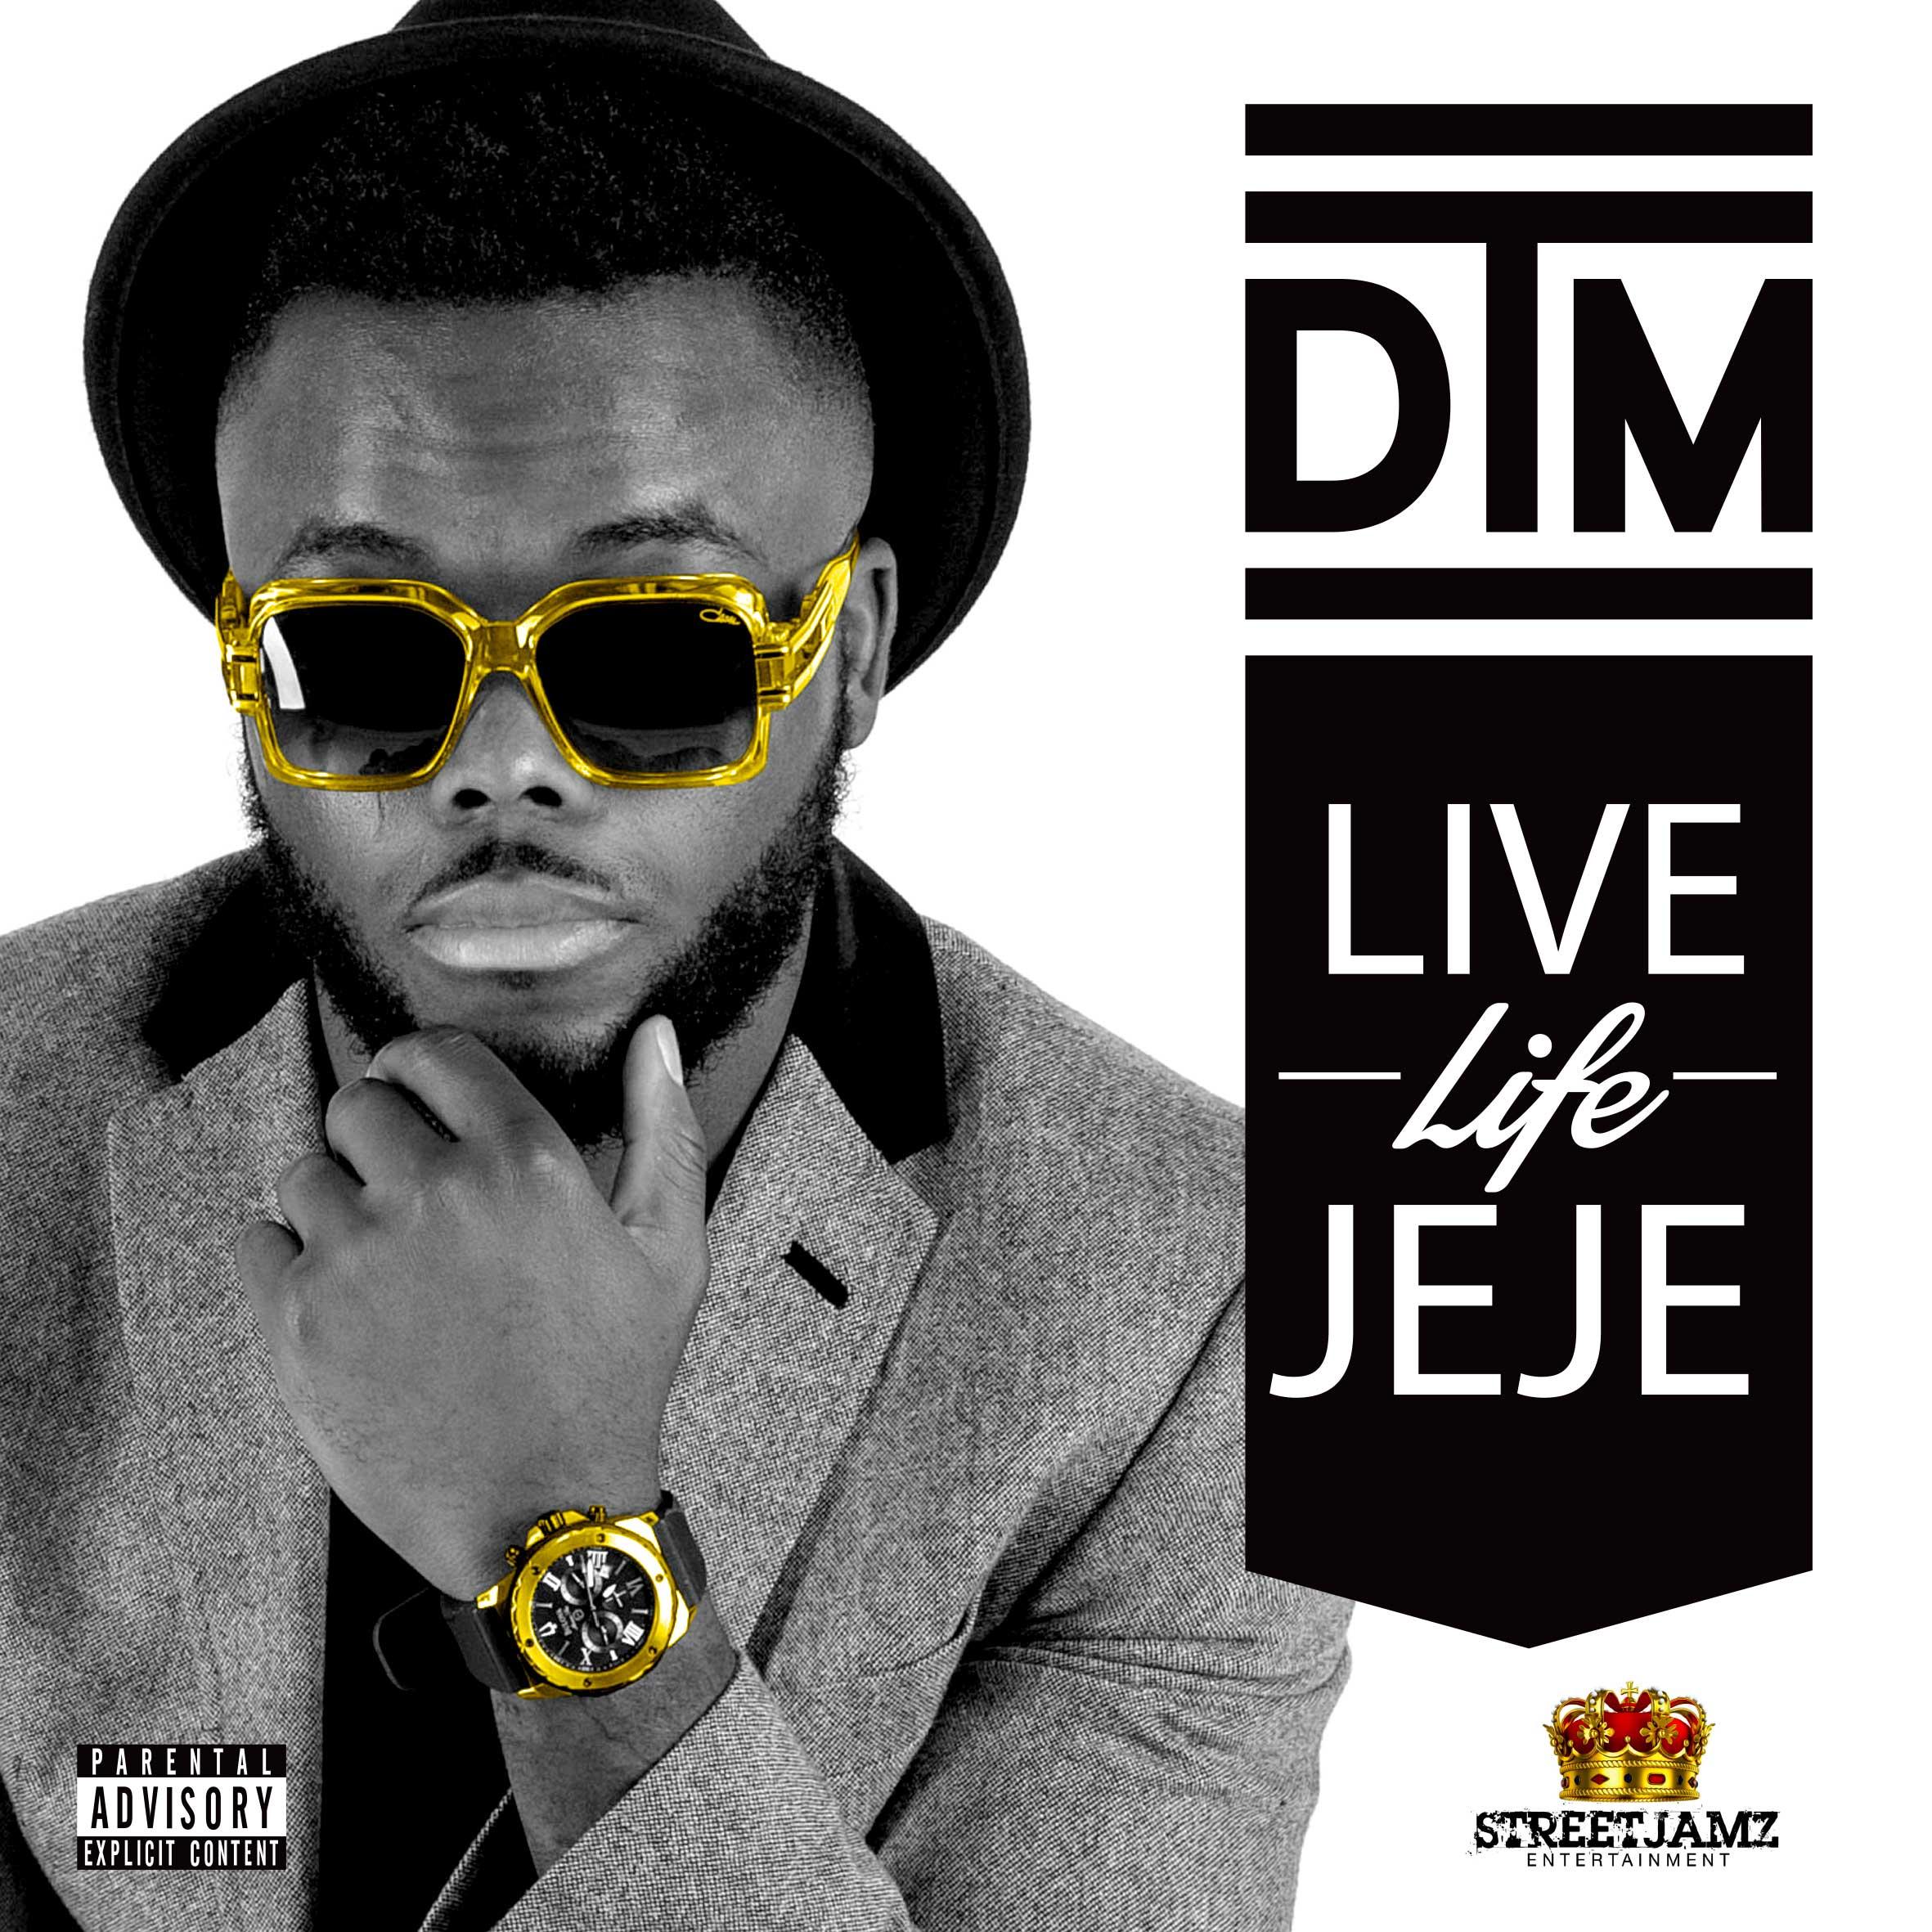 DTM-Live-Life-Jeje-Artwork